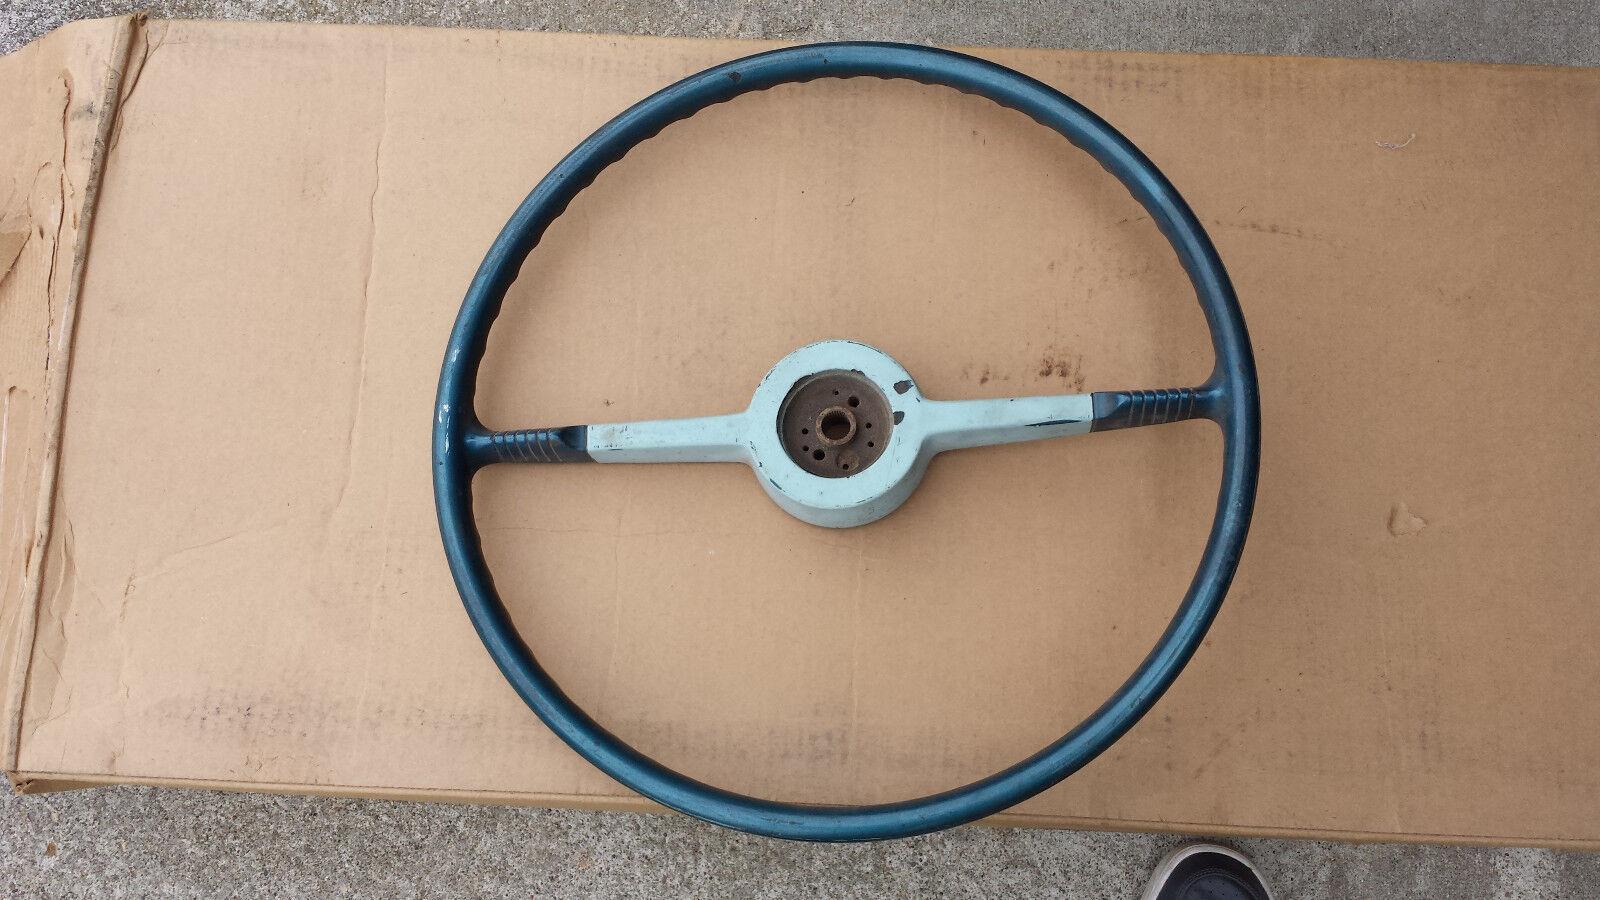 1954 53 Chevy belair steering wheel original oem